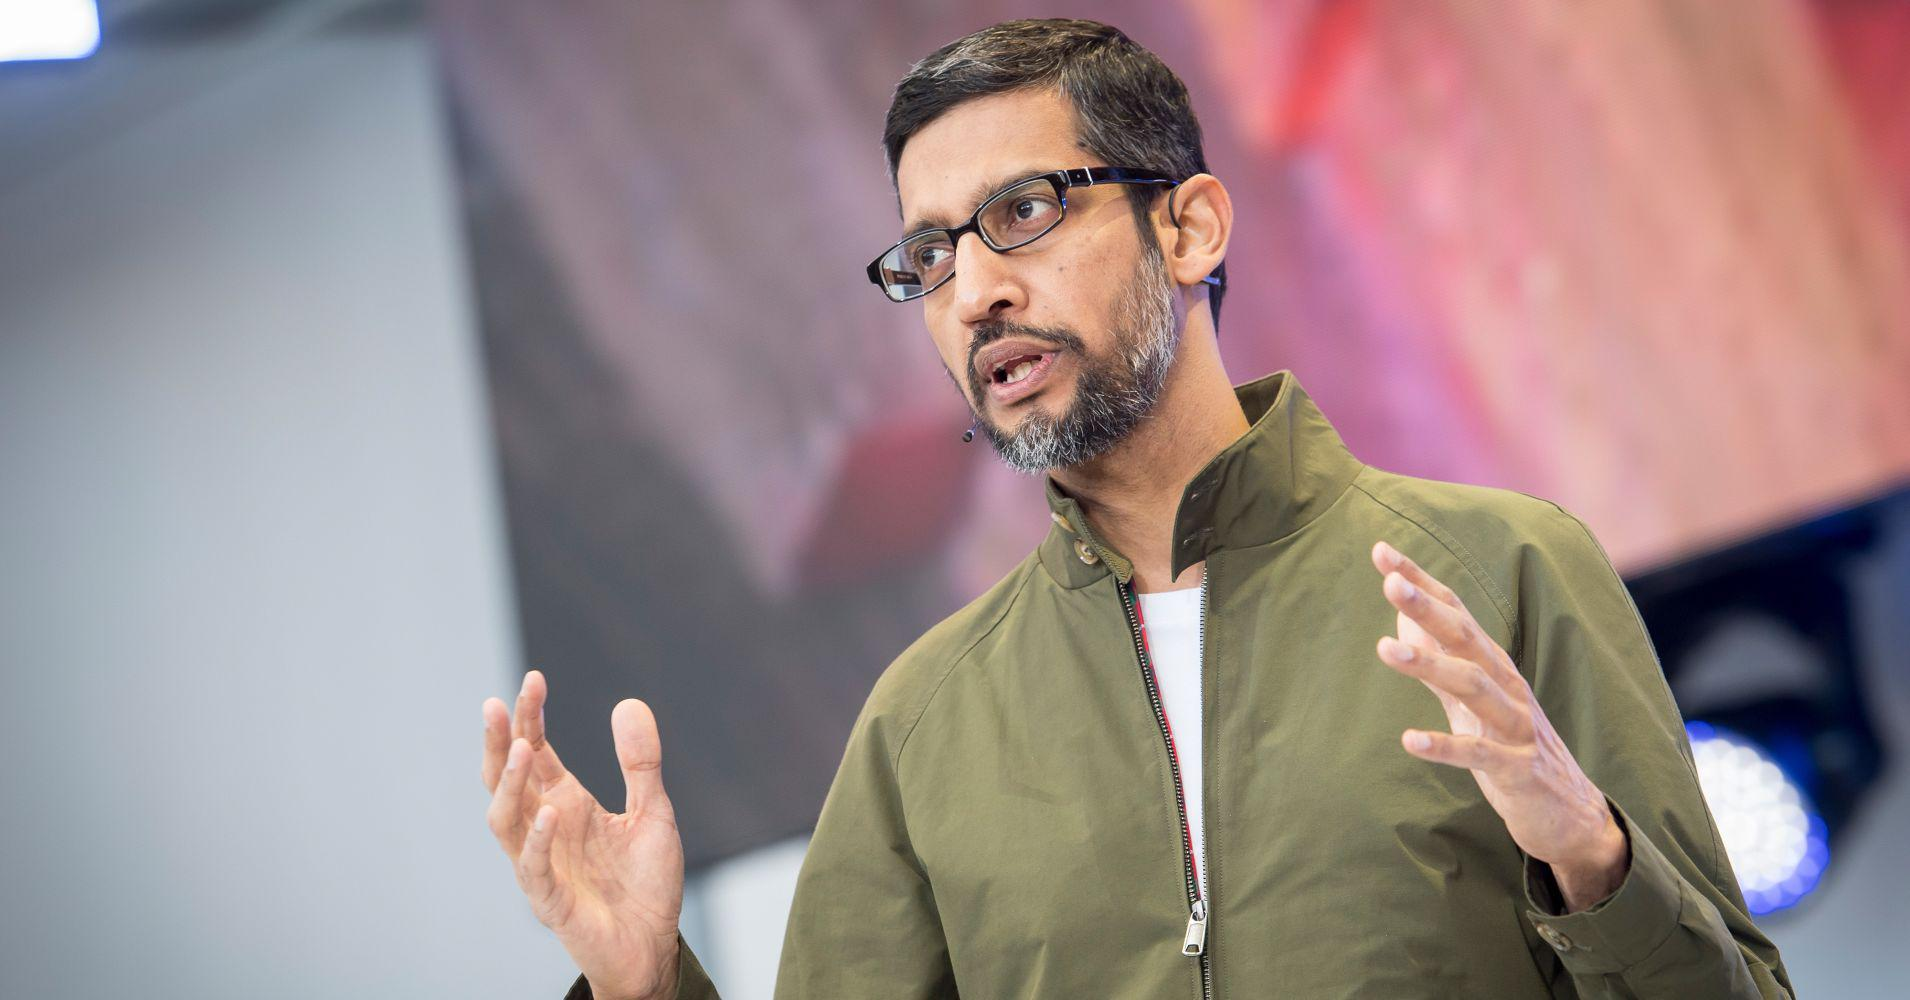 欧盟重罚谷歌50亿美元皮查伊回应 安卓或将收费?